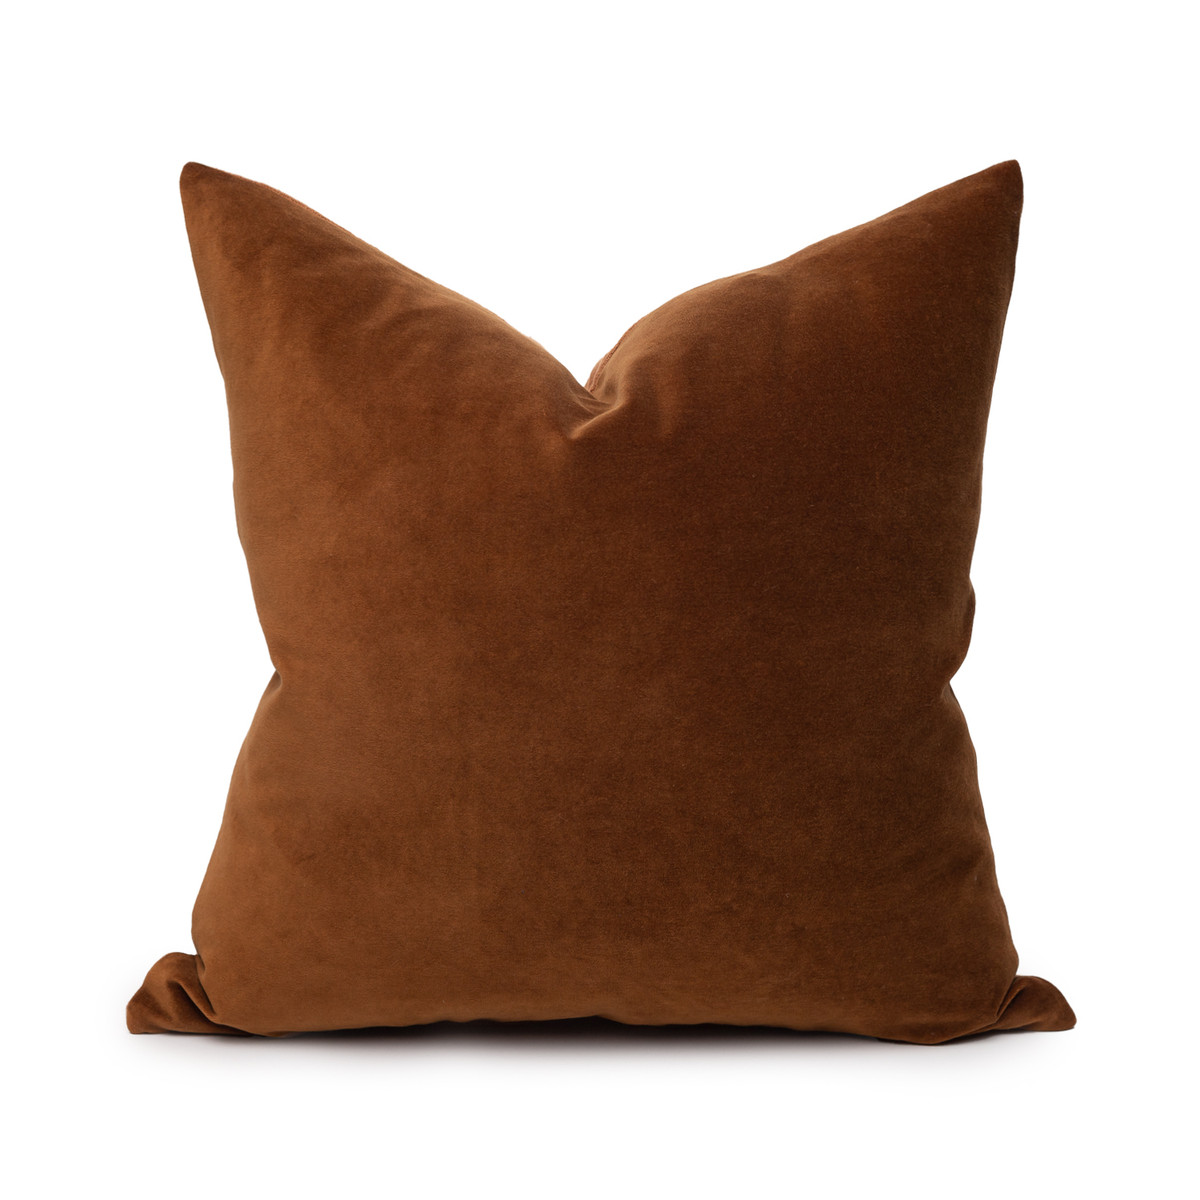 Sophie Golden Topaz Cotton Velvet Decorative Pillow - Front